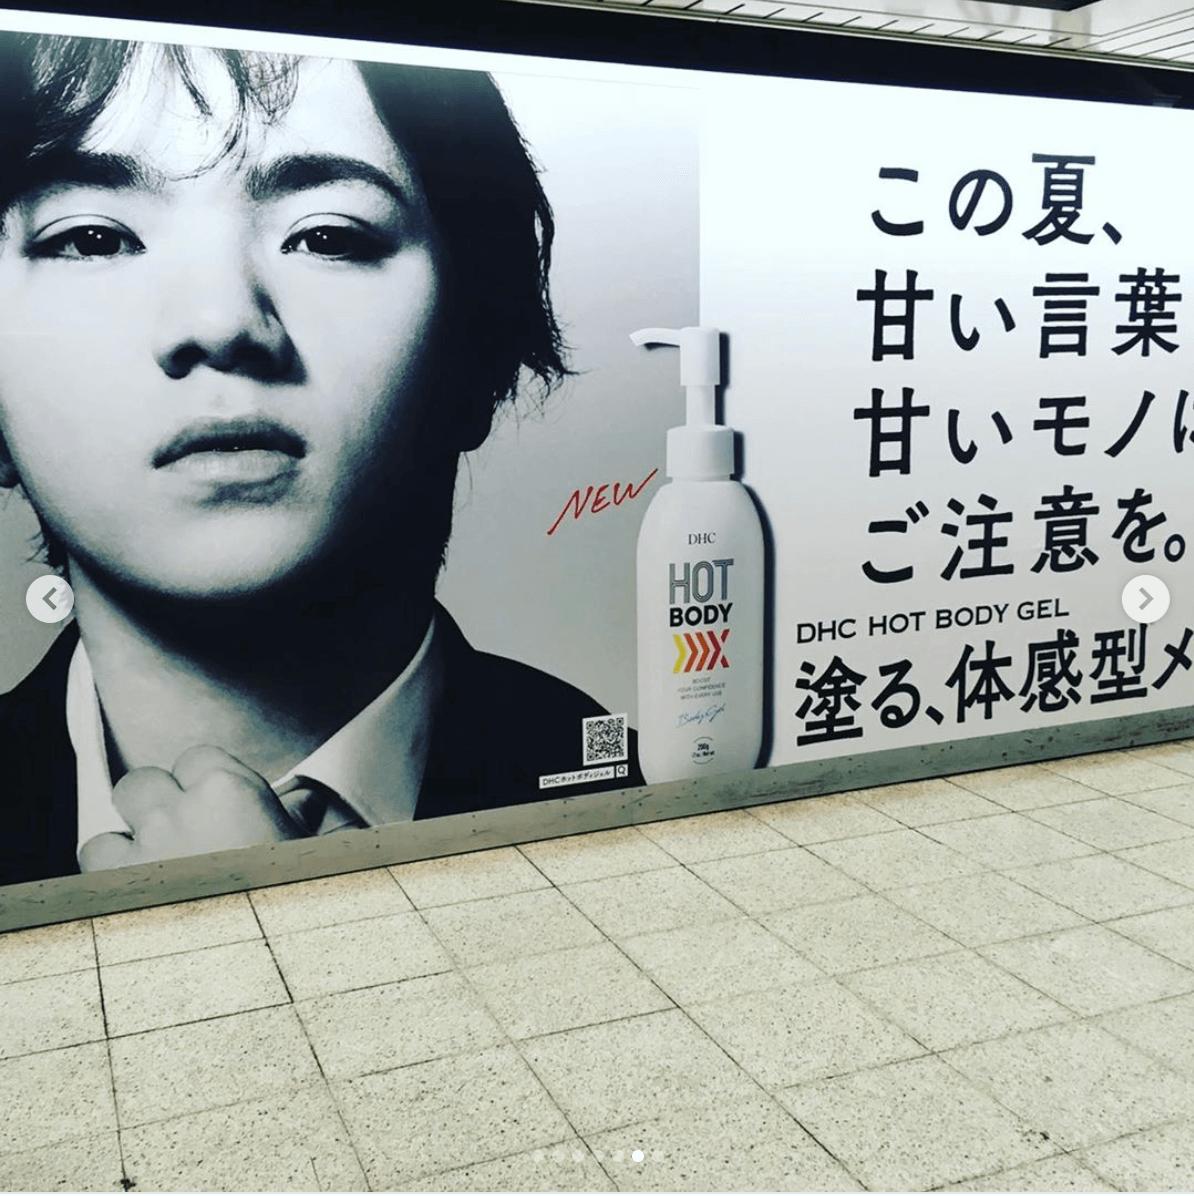 【画像有】宇野樹が名古屋駅東山線で宇野昌磨のDHC広告を撮影してきたことを報告!